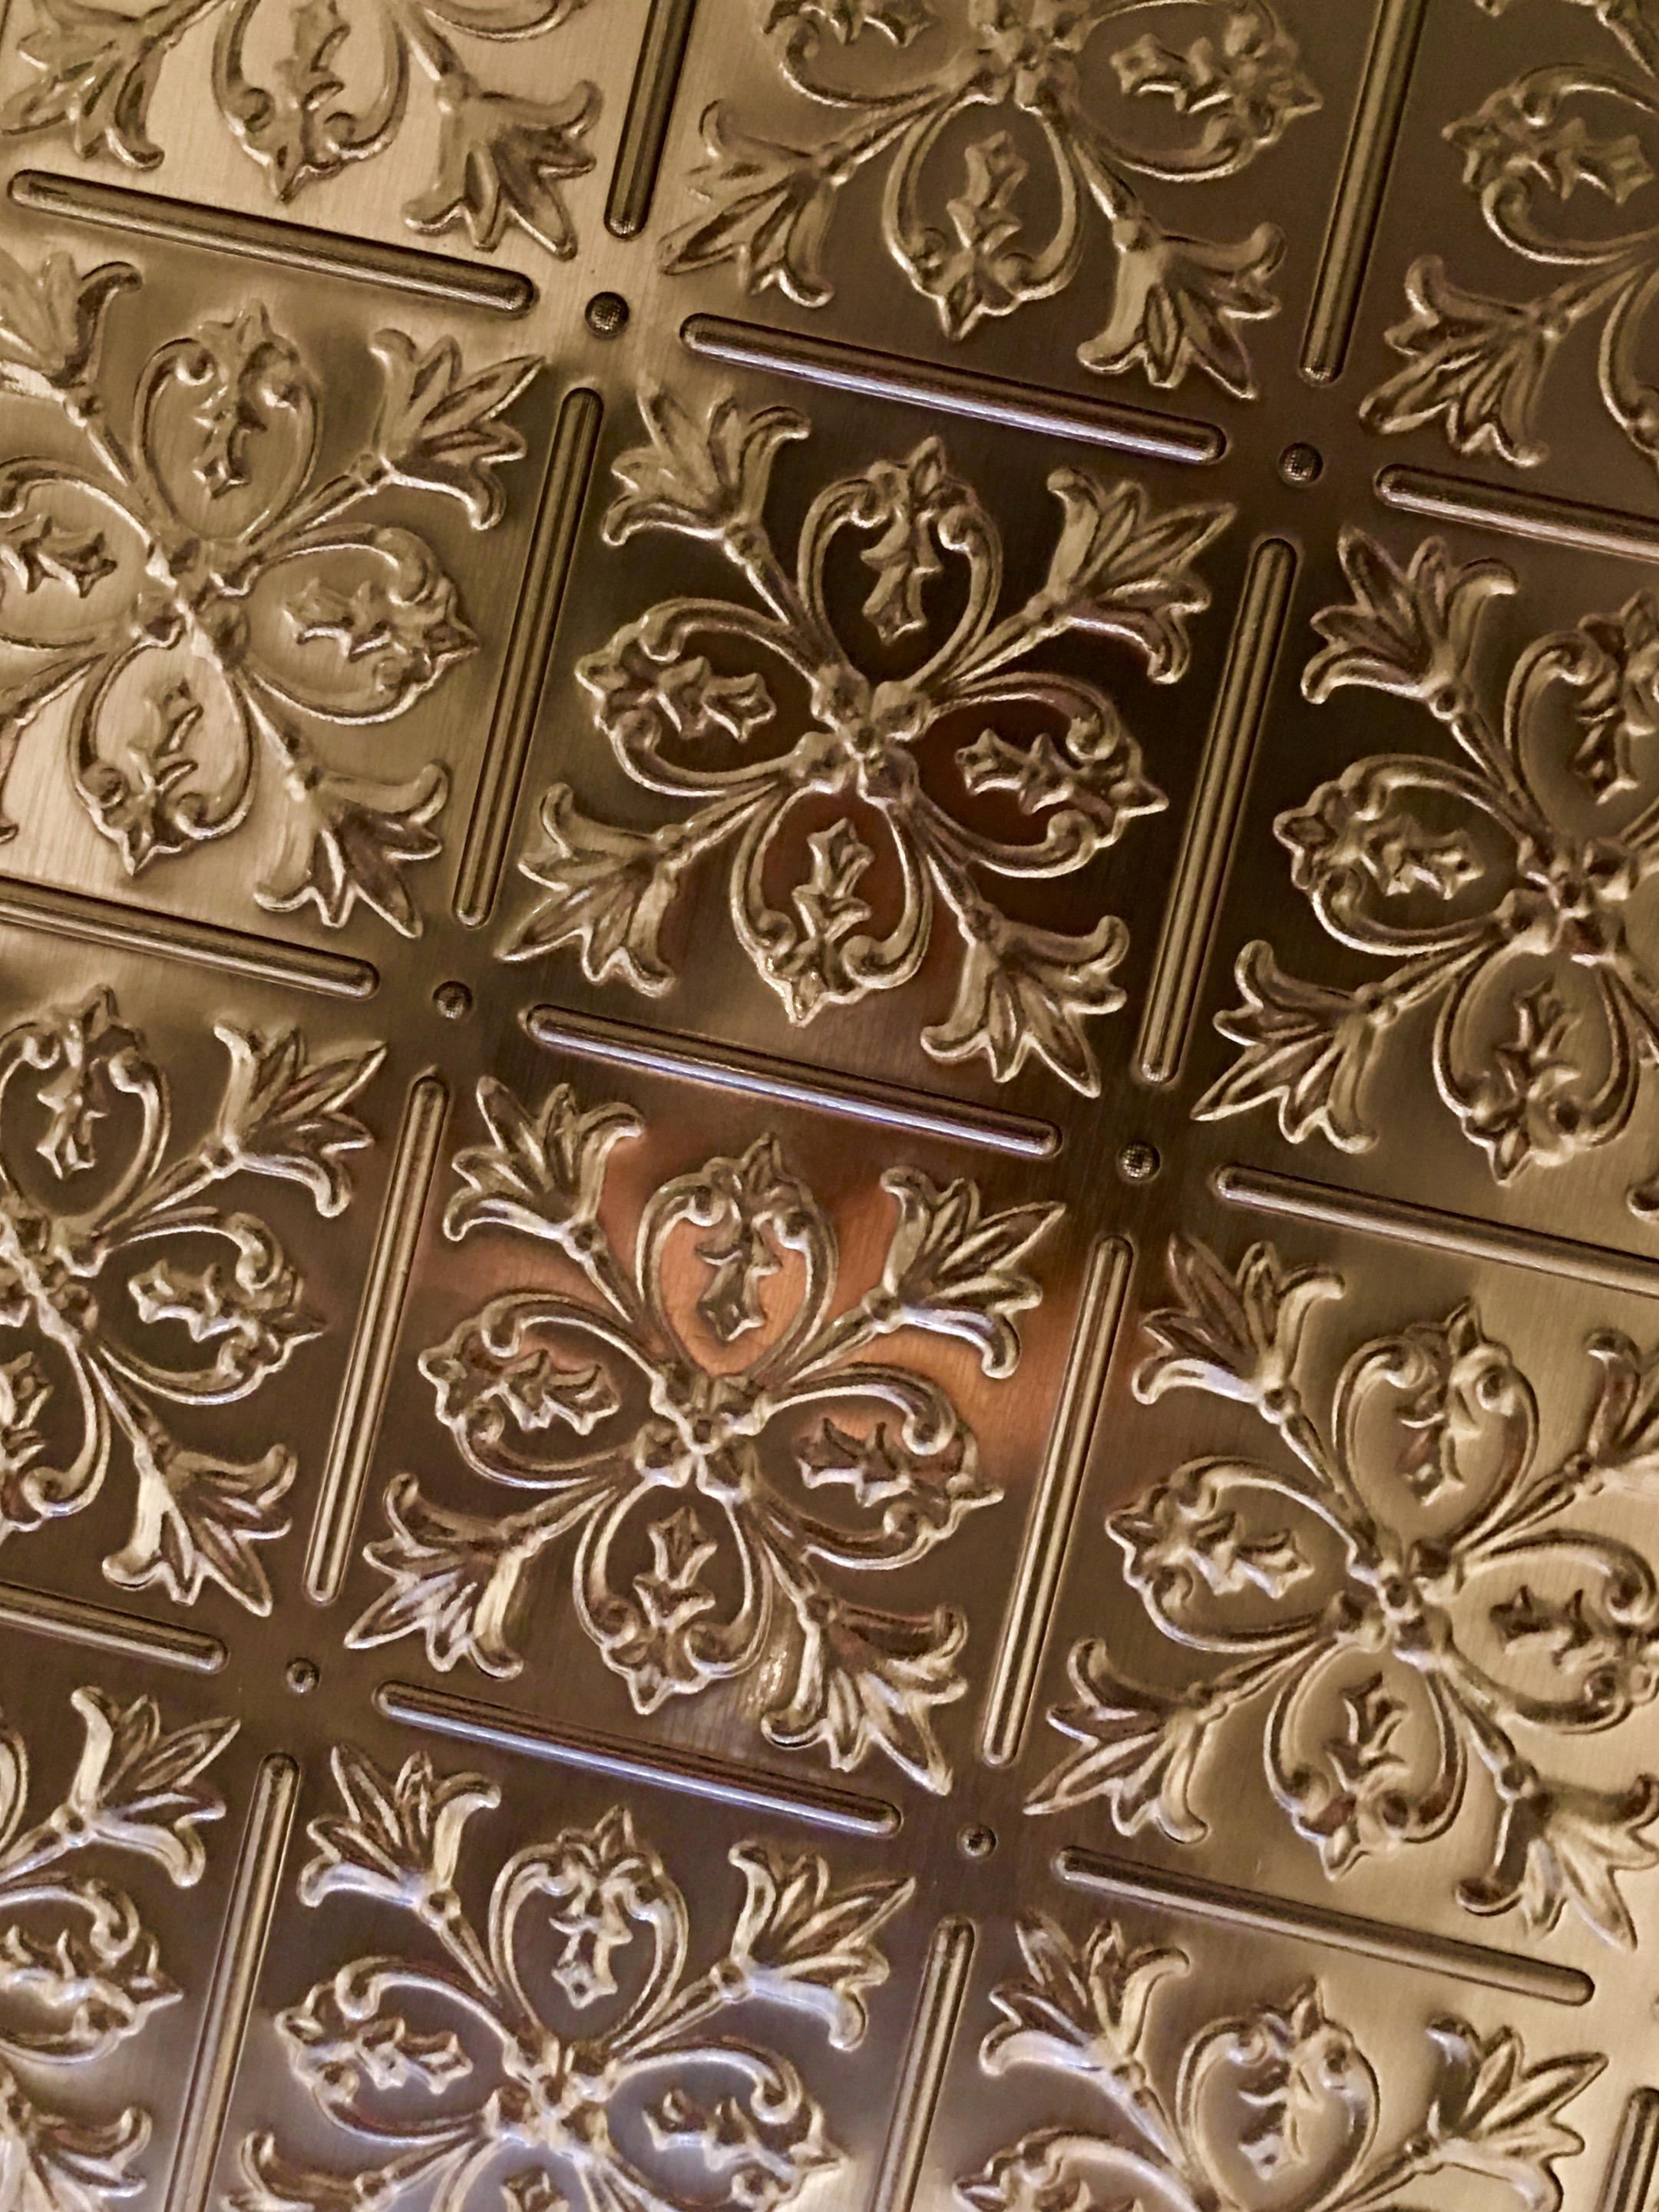 San Francisco dental office patterned cieling tiles